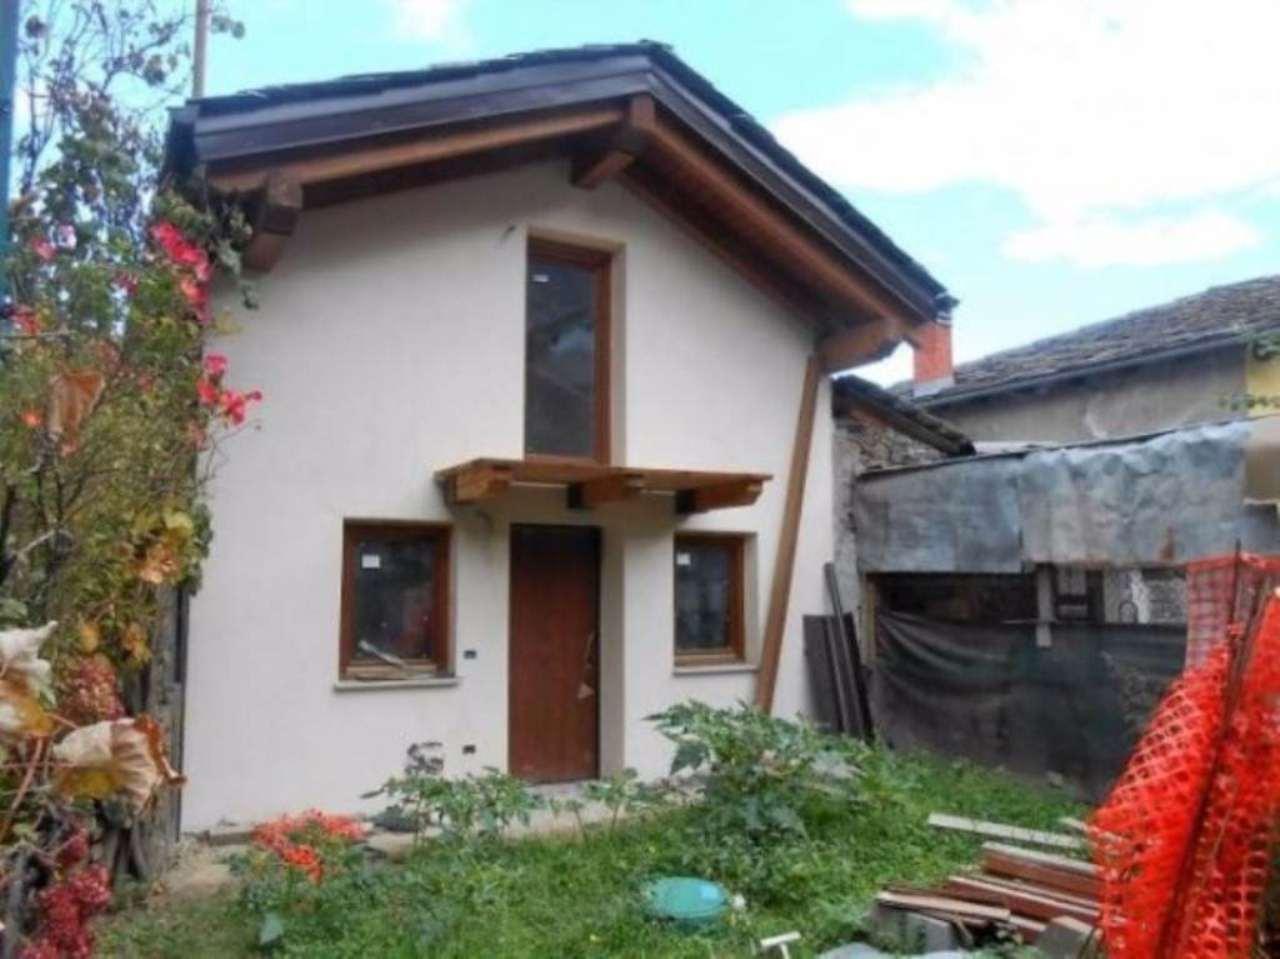 Soluzione Indipendente in vendita a Brissogne, 3 locali, prezzo € 159.000 | Cambio Casa.it